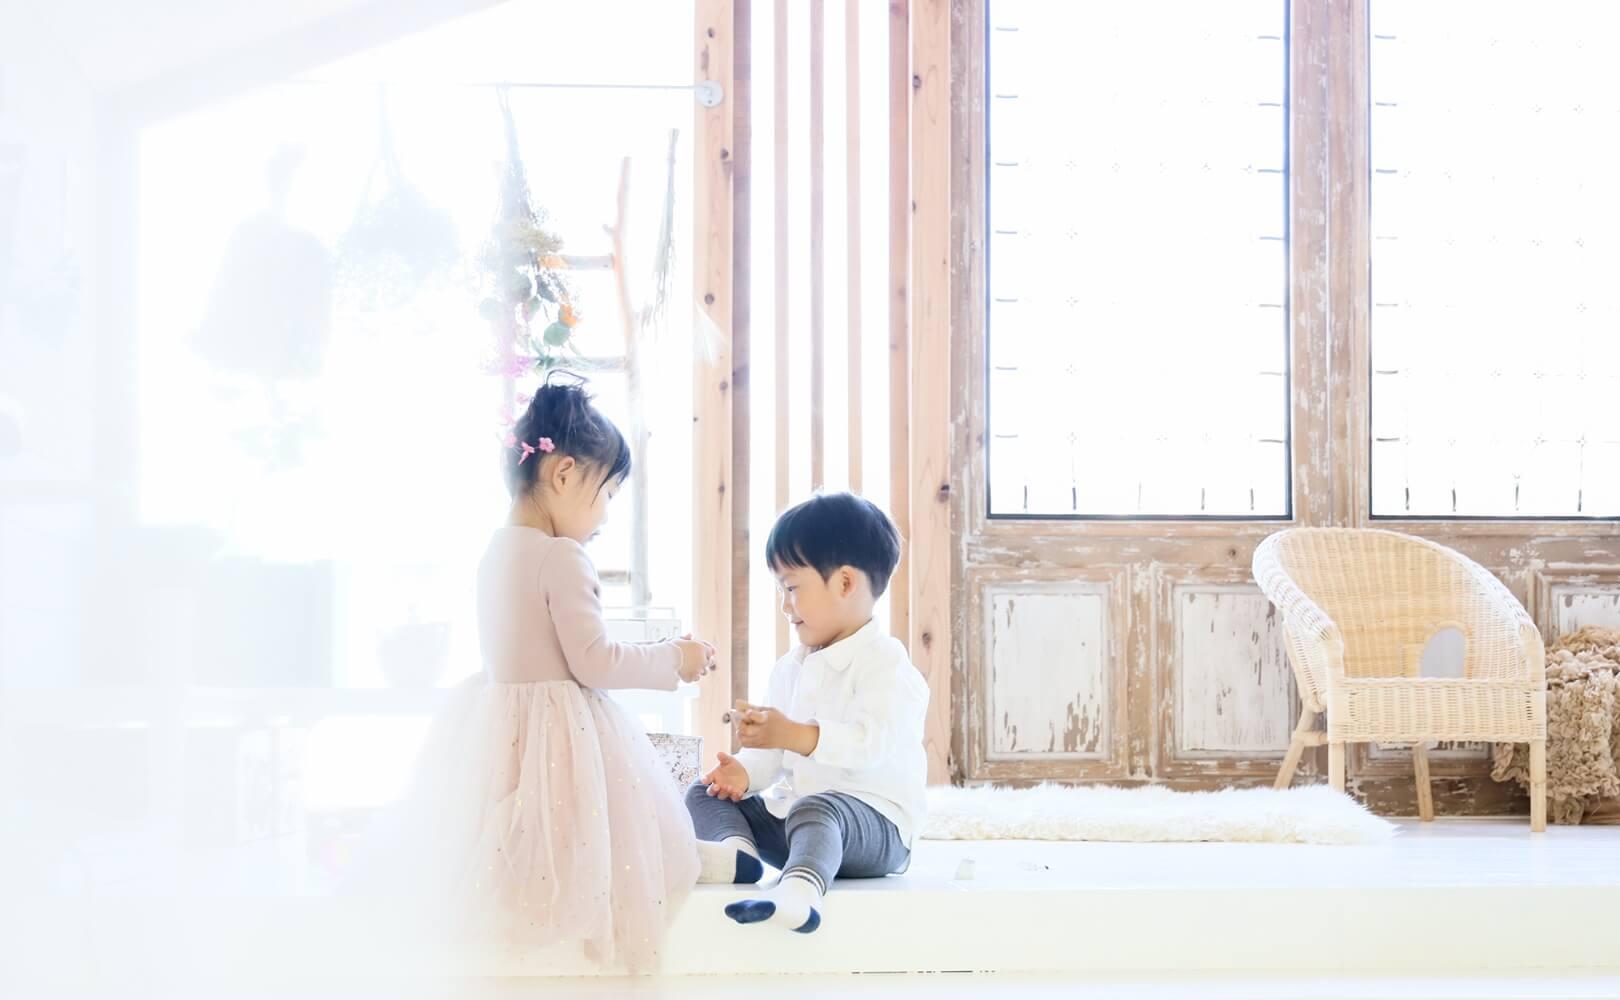 【重要】新型コロナウイルス予防対策についてのサムネイル